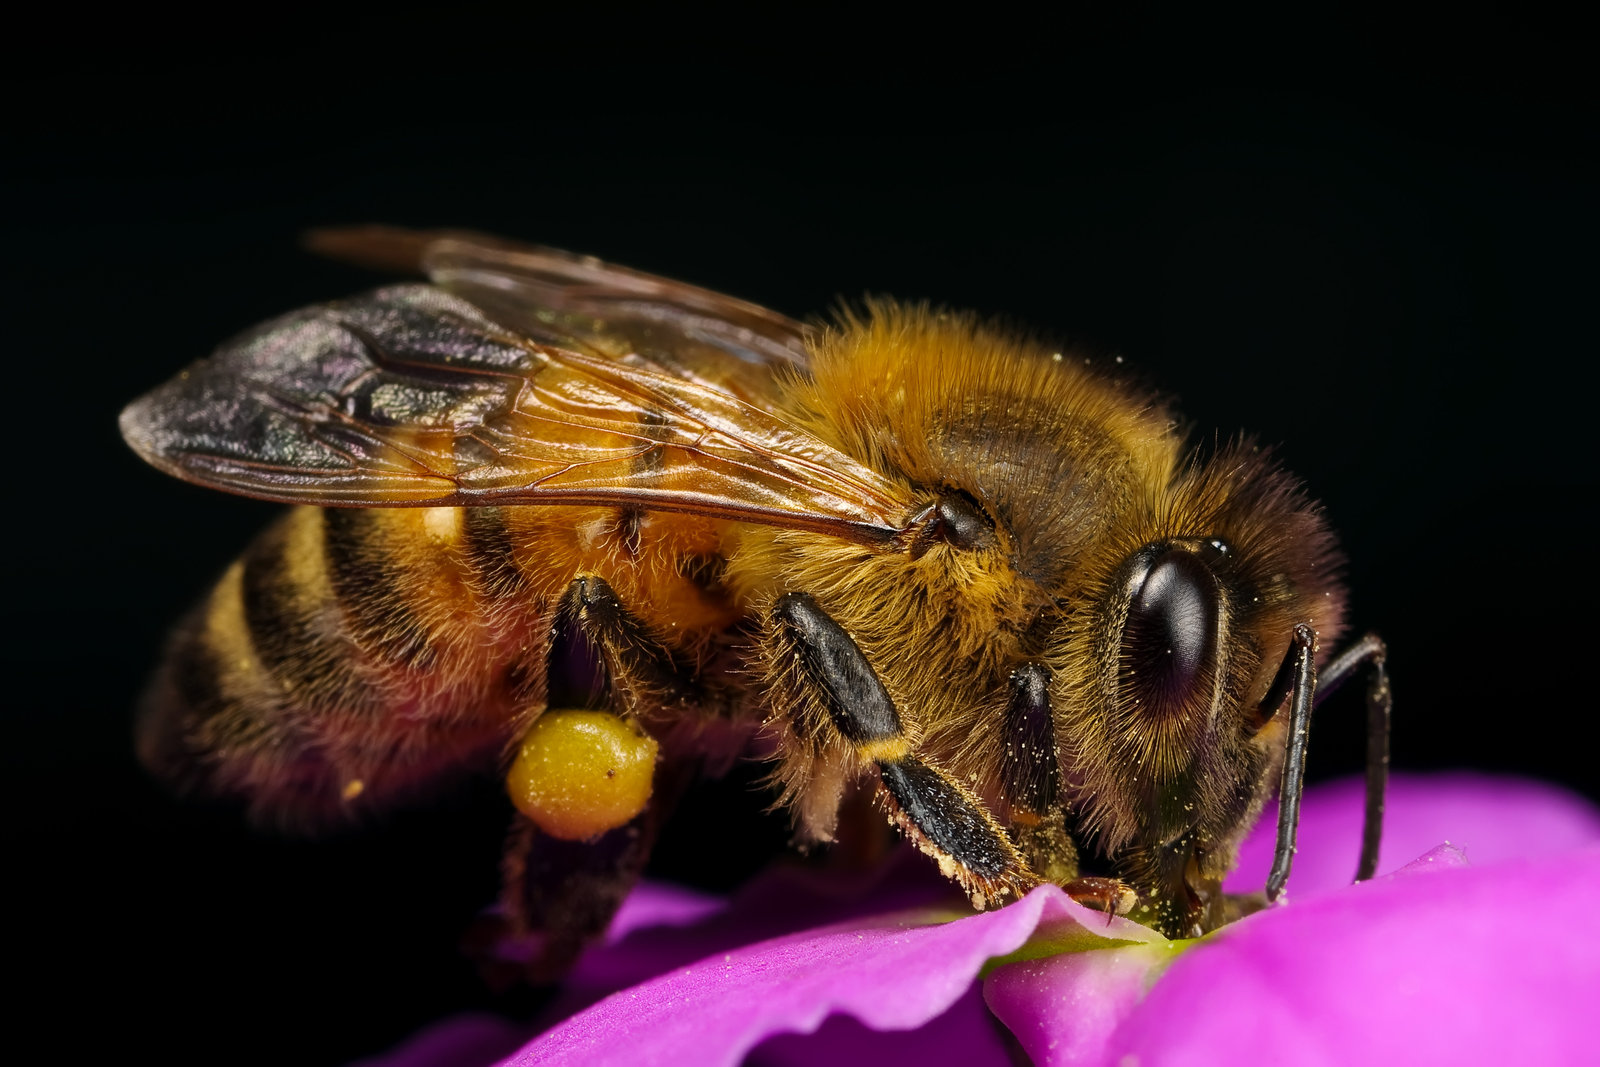 honeybee_in_a_wallflower_vi_by_dalantech.jpg